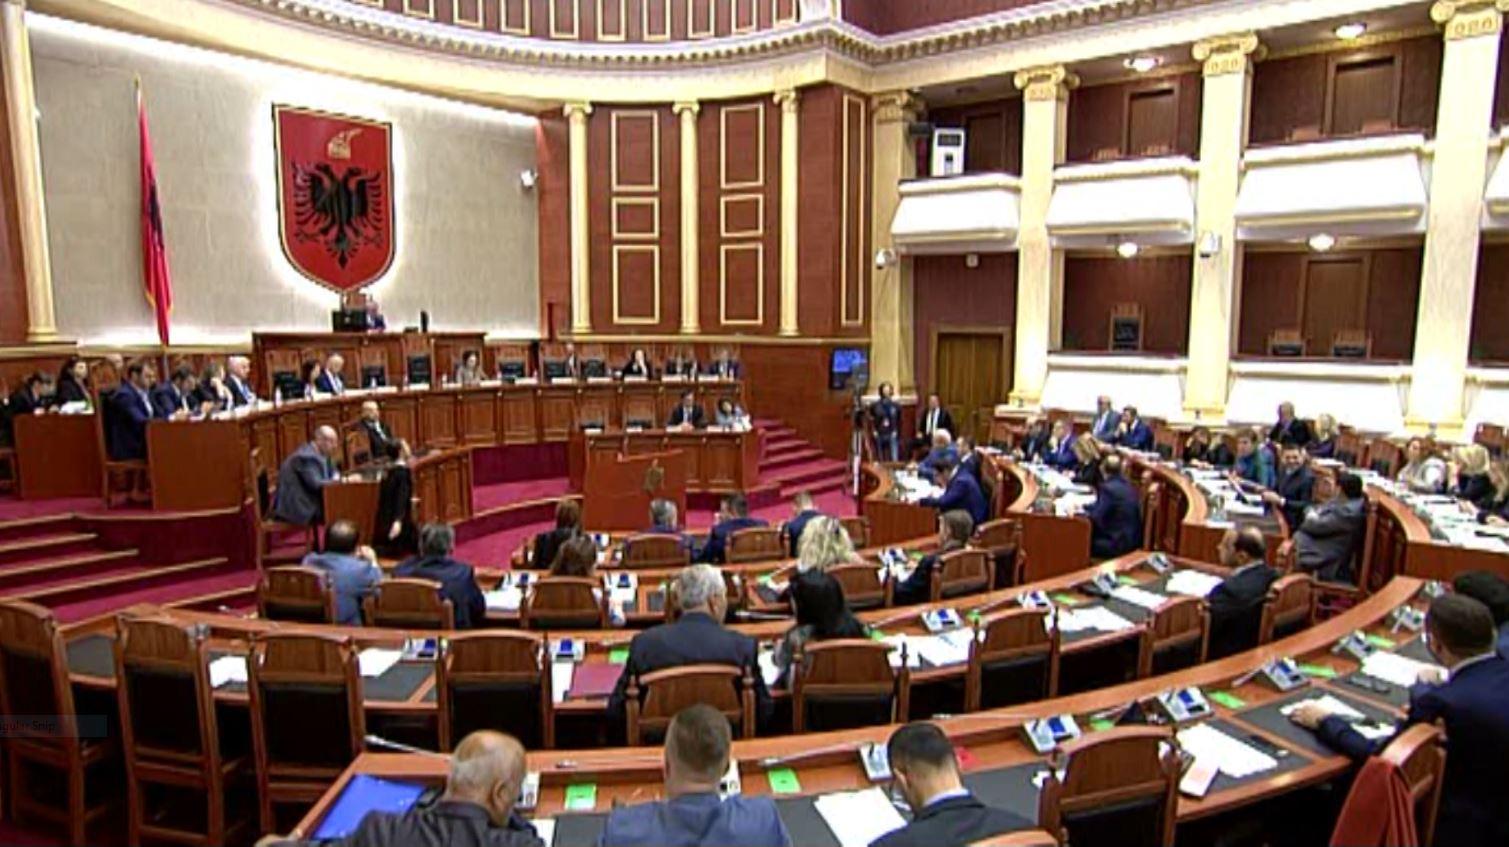 Plotësimi i vakancës kushtetuese, mazhoranca i përgjigjet Presidentit: Hiq maskën e fol troç